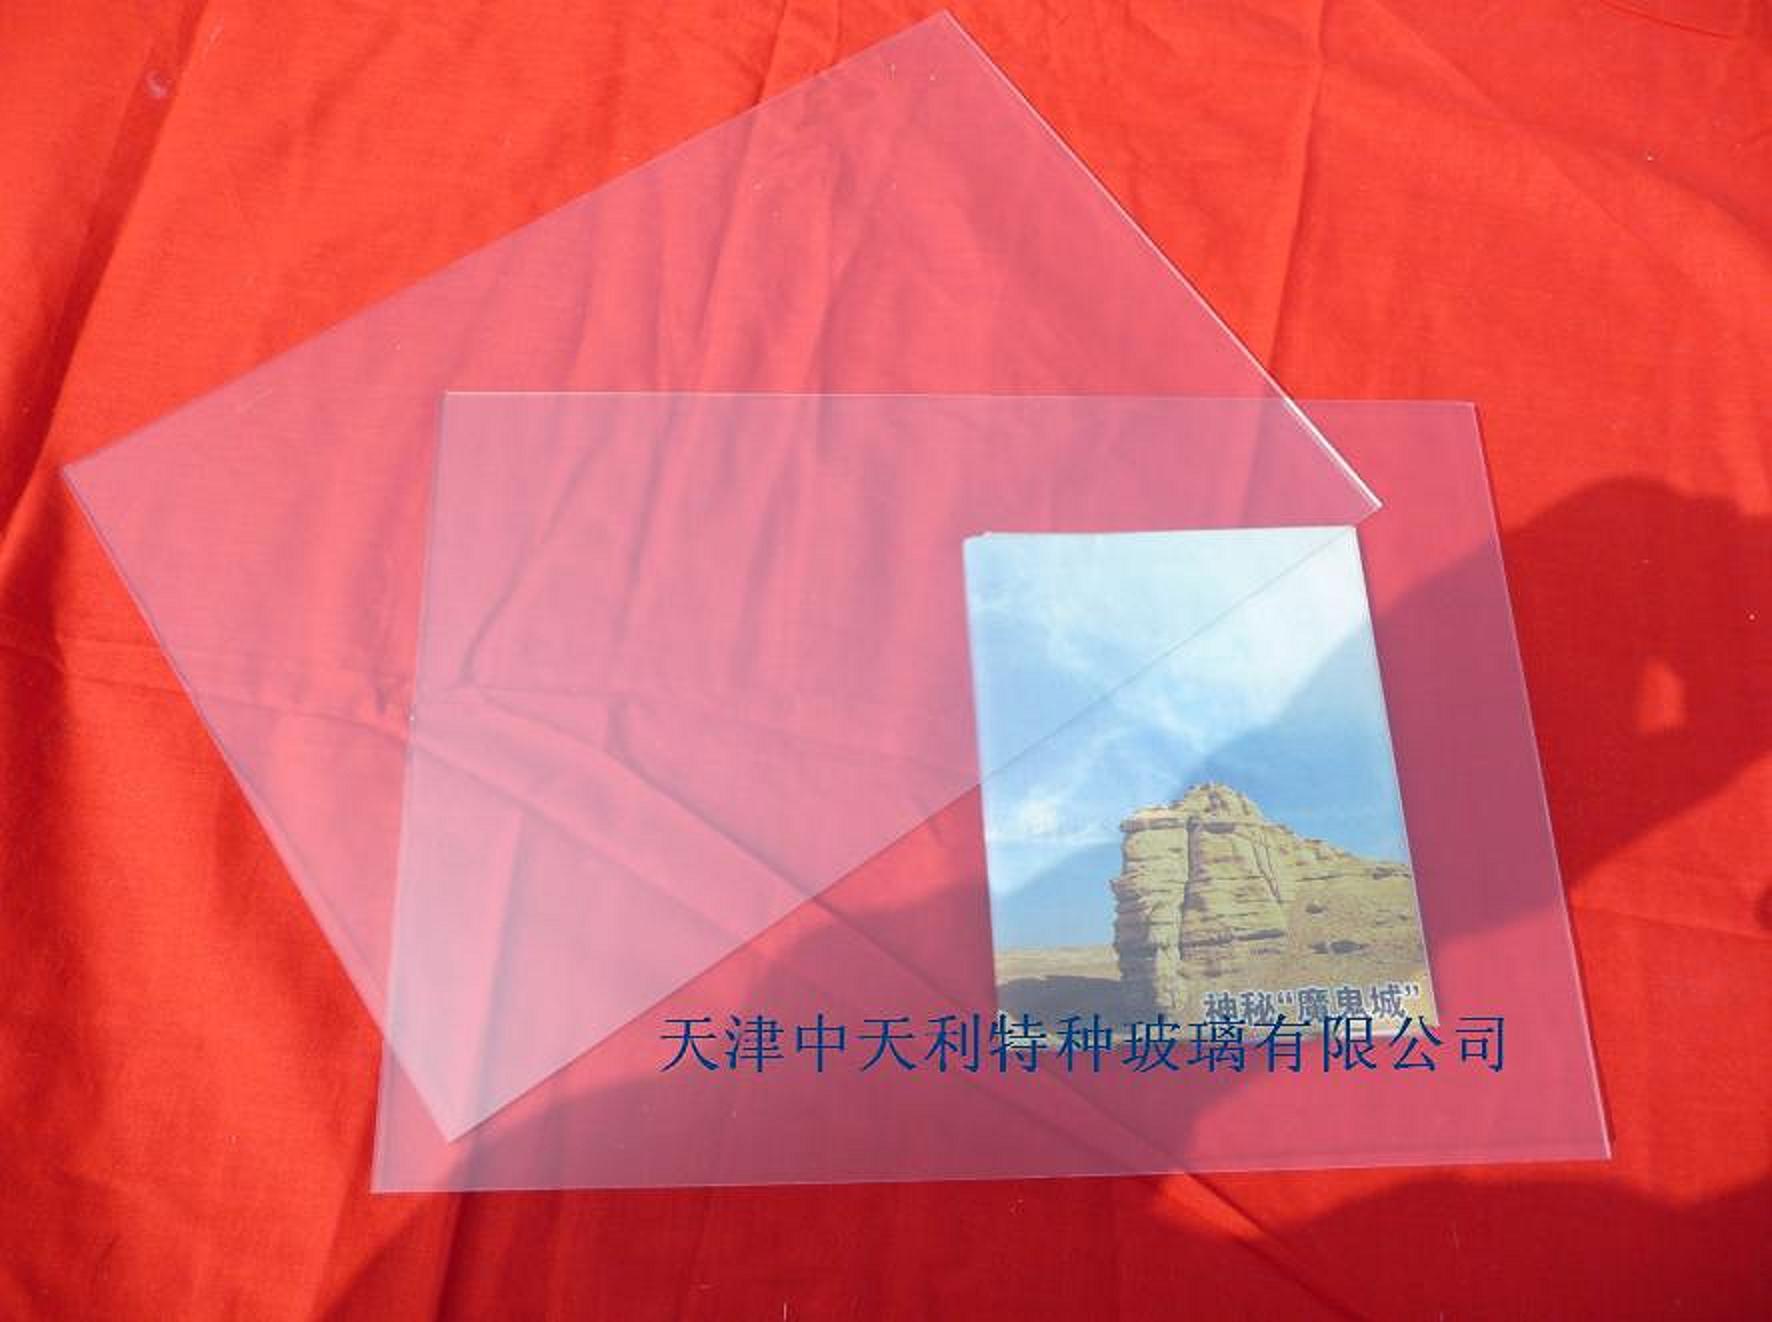 相框玻璃指导价 相框玻璃厂商 相框玻璃厂商 天津中天利特...